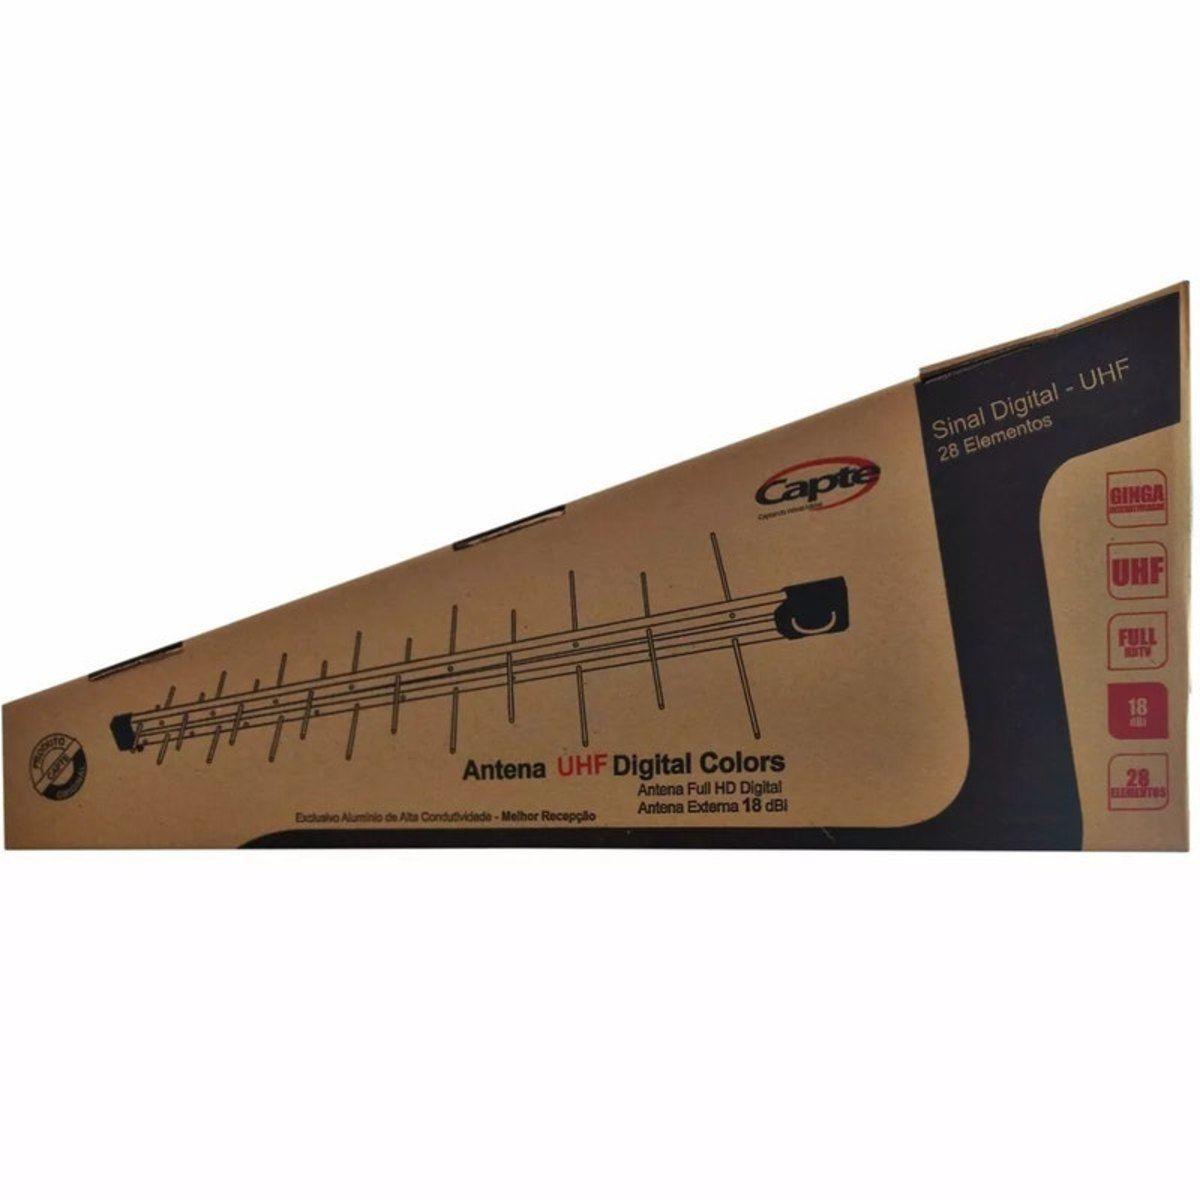 Kit Antena Digital 4K Log 28 com Cabo coaxial de 20mts e divisor 2x1 Capte